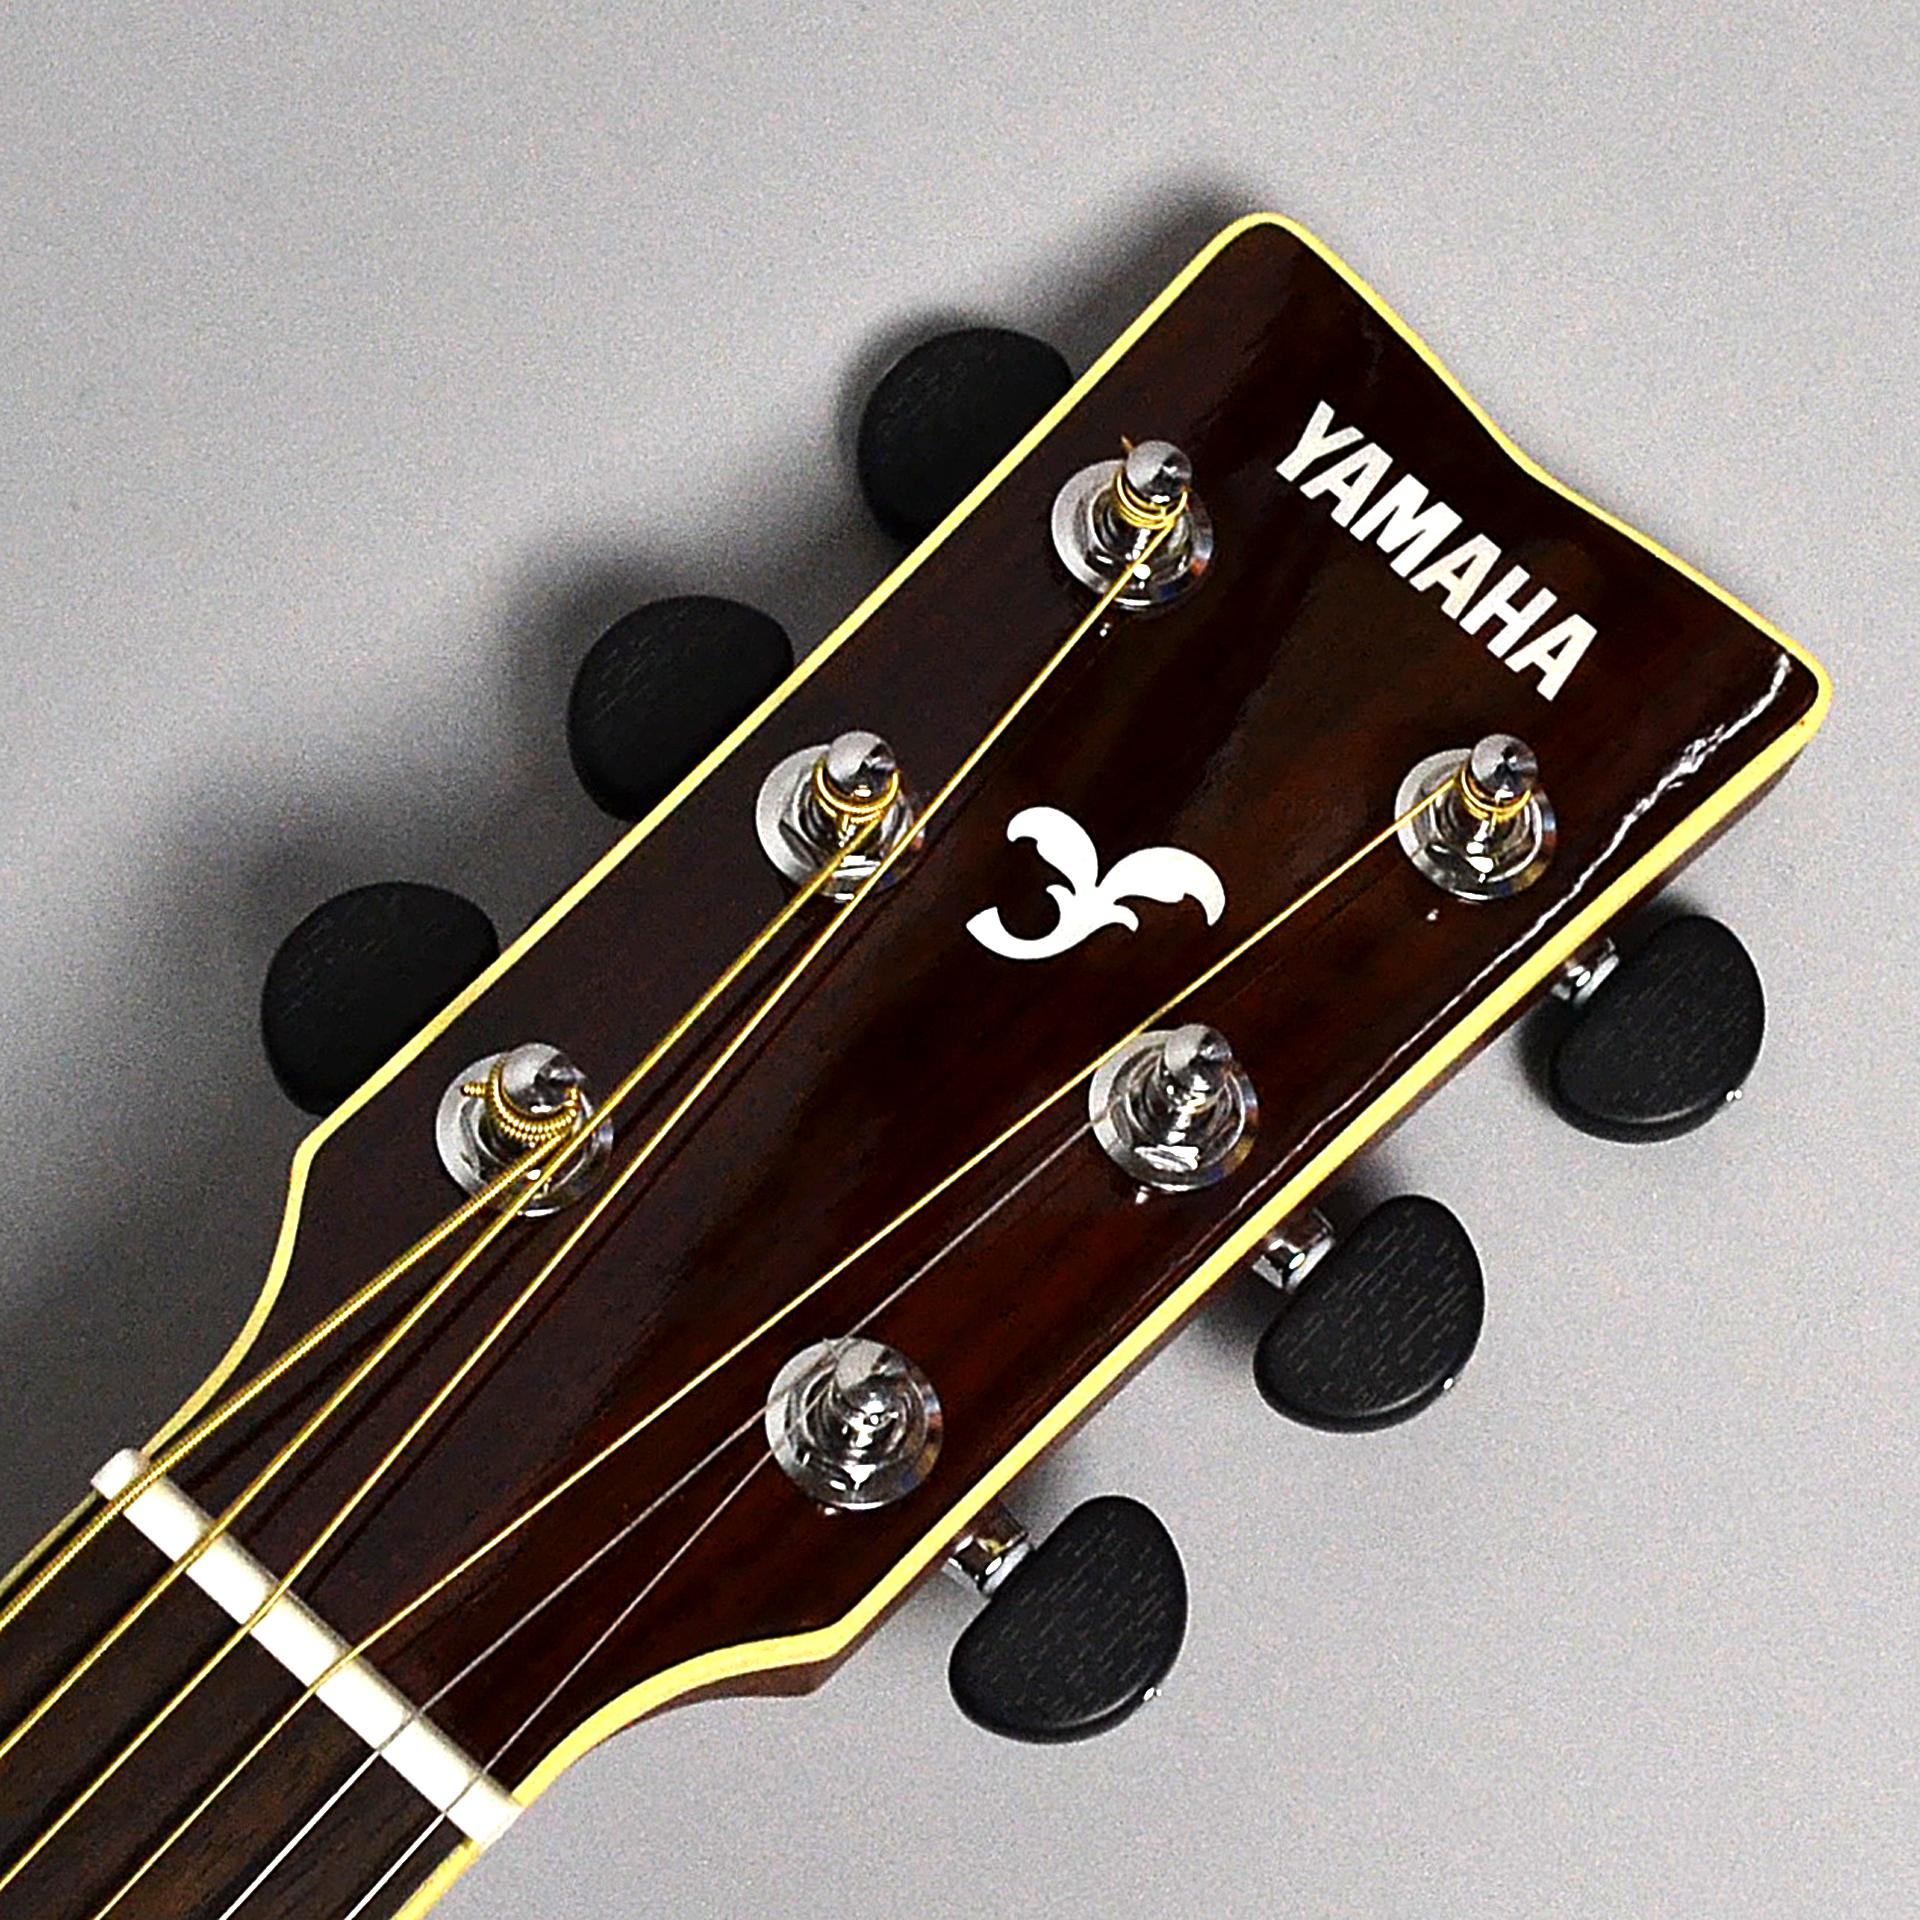 FSX825Cのヘッド画像